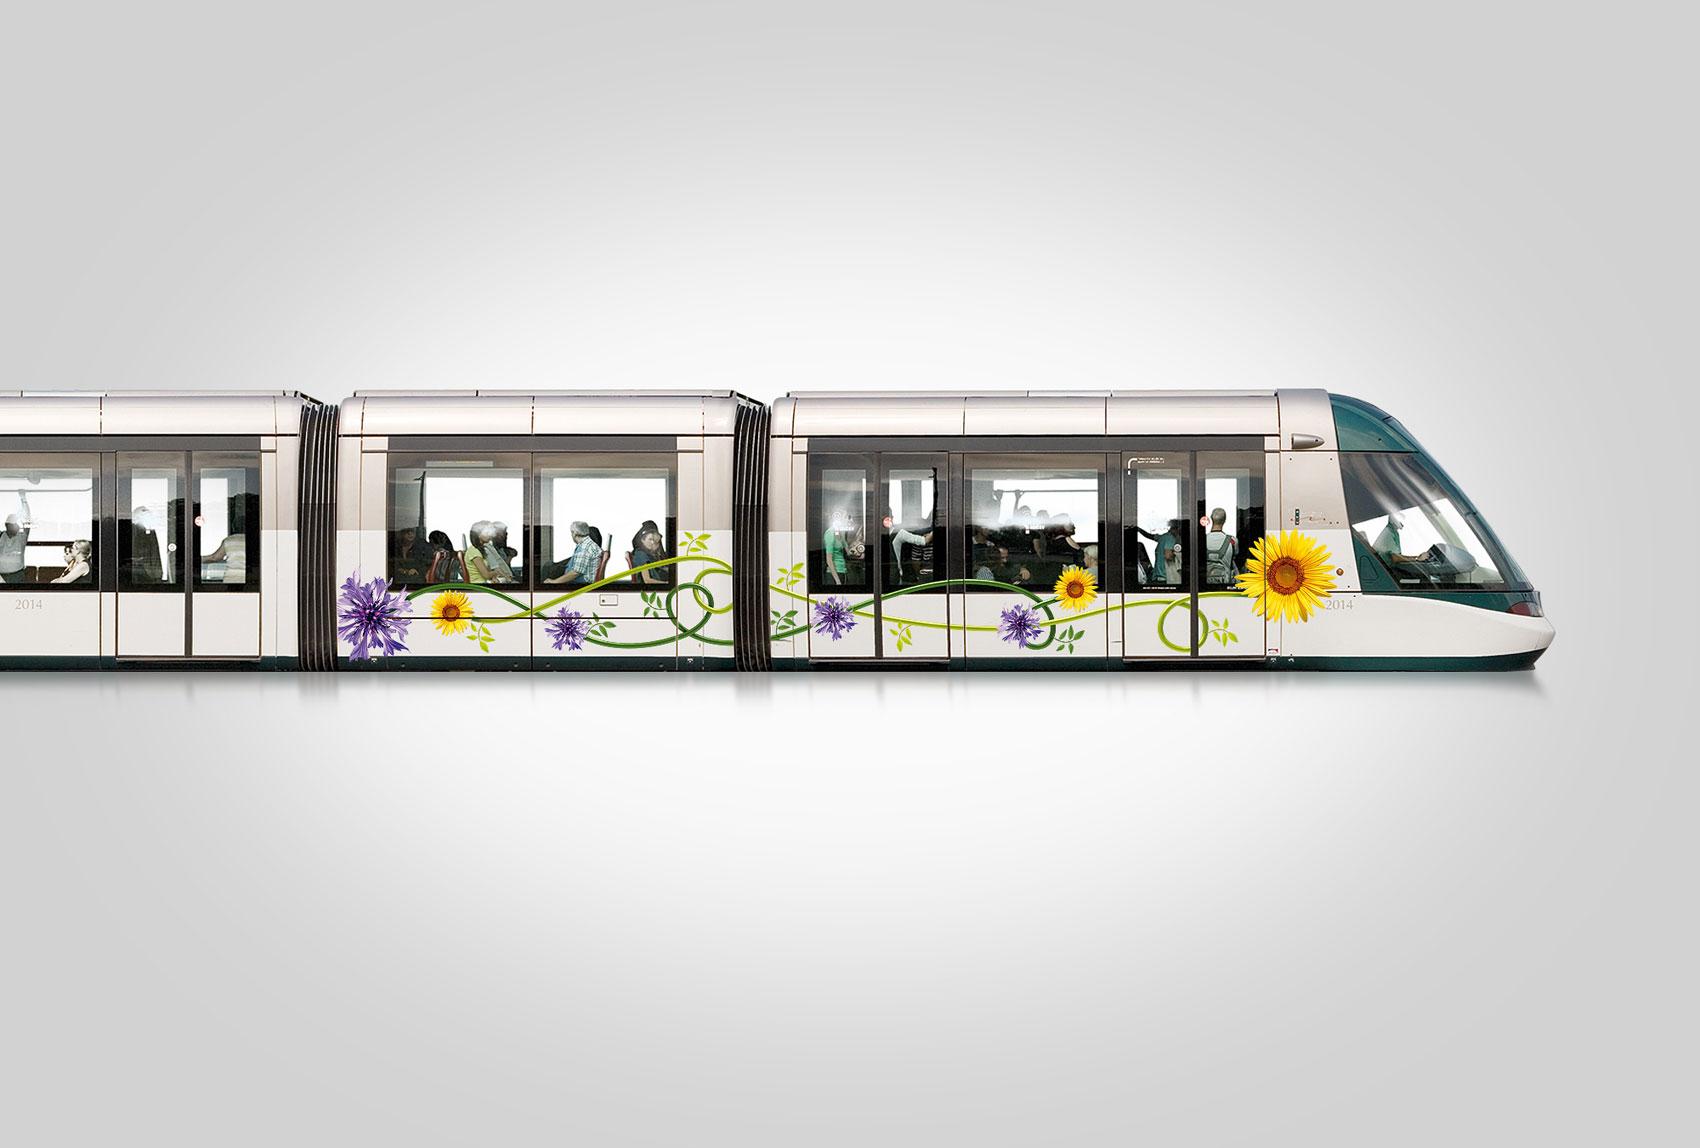 tram-strasbourg-1